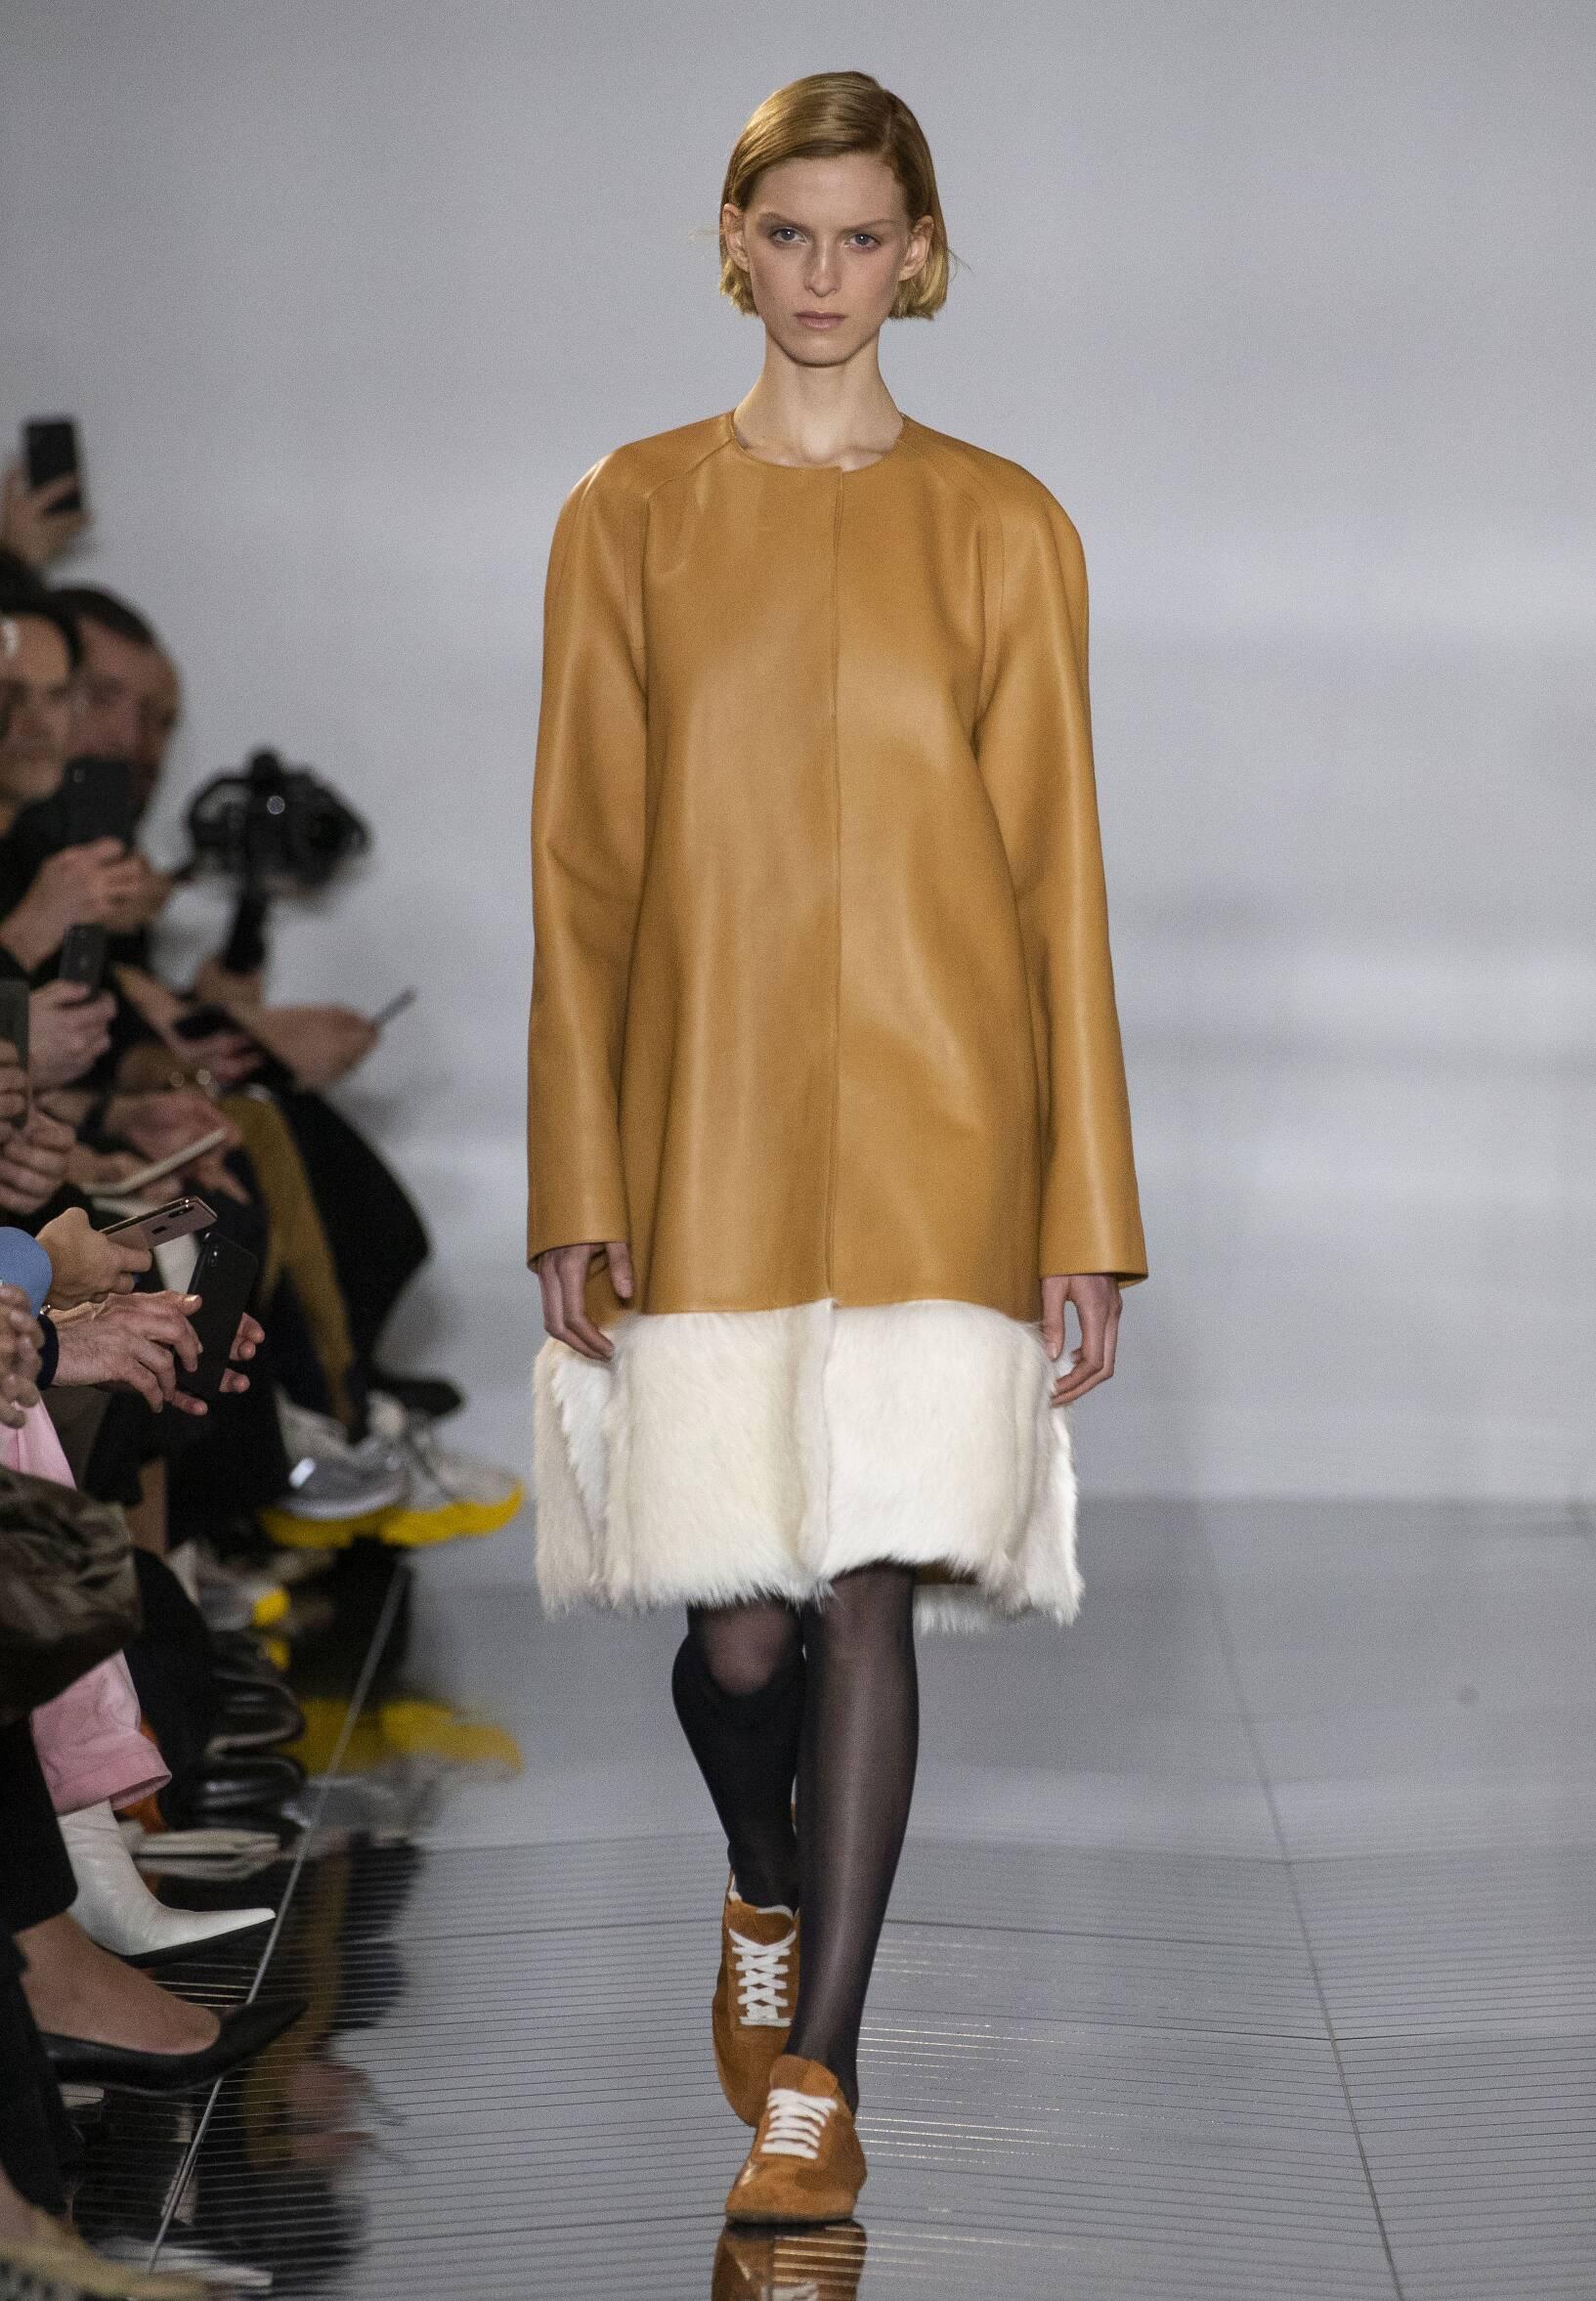 Loewe Woman 2019-20